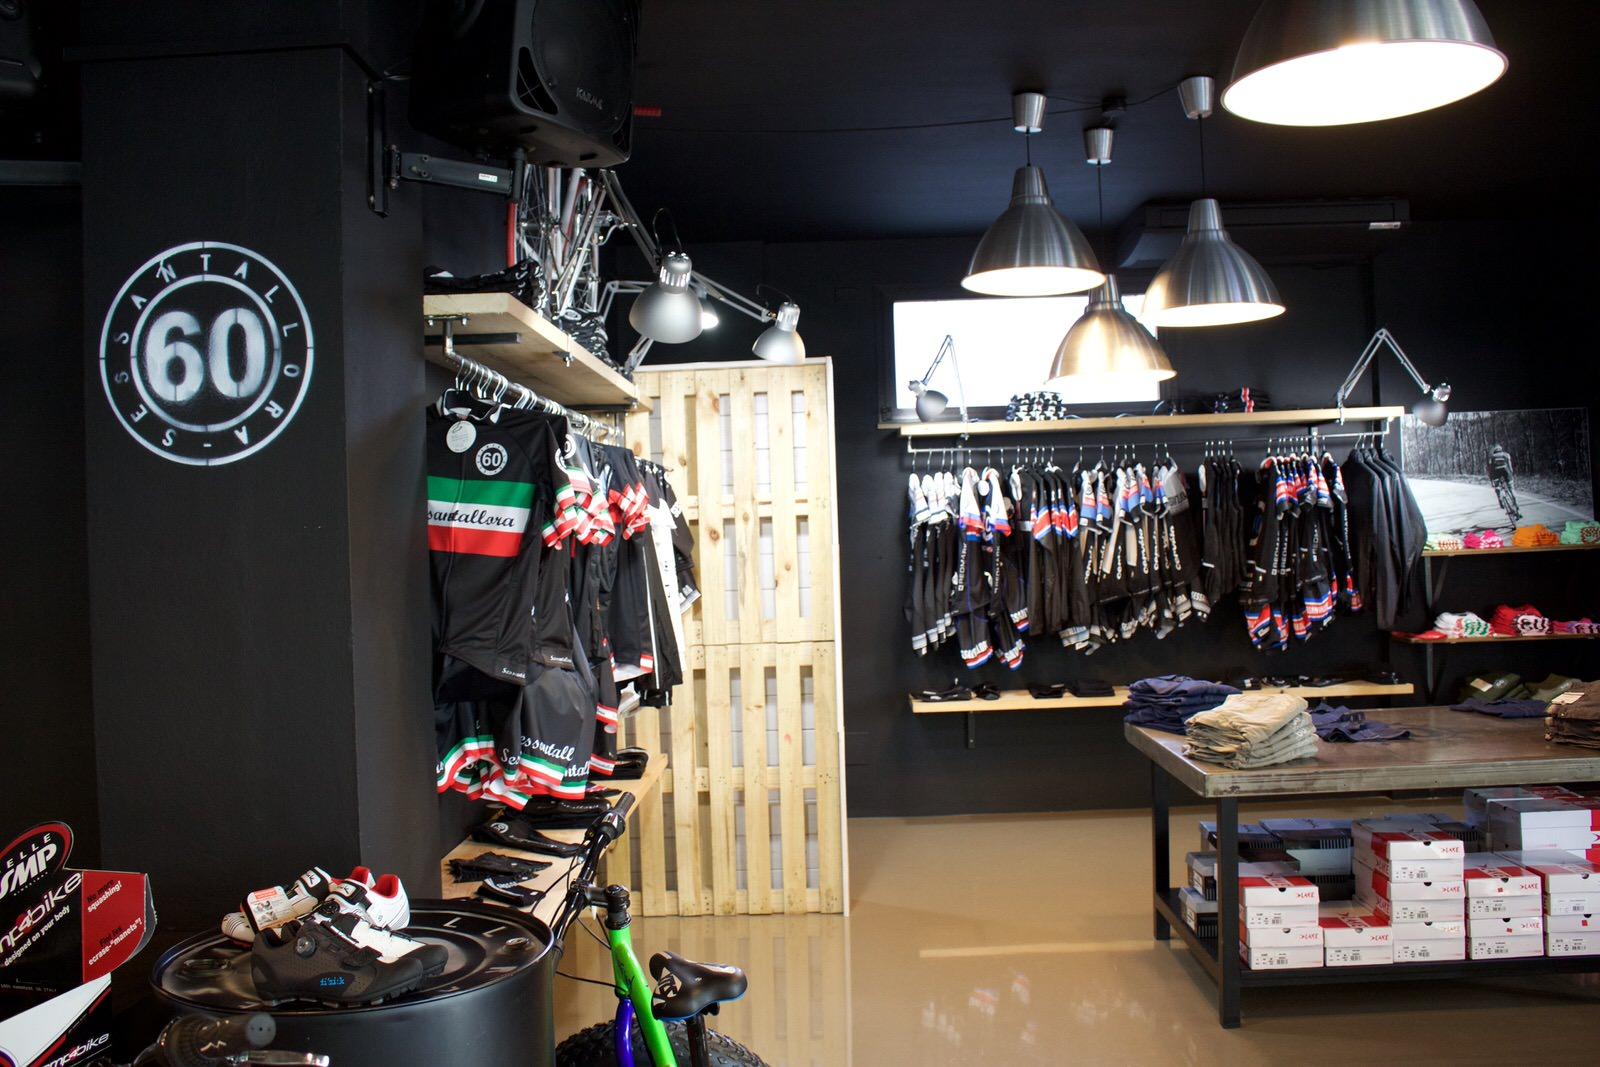 sessantallora_milanomarittima_mima_abbigliamento_tecnico_sport_sportwear_cadorna_bici_bike